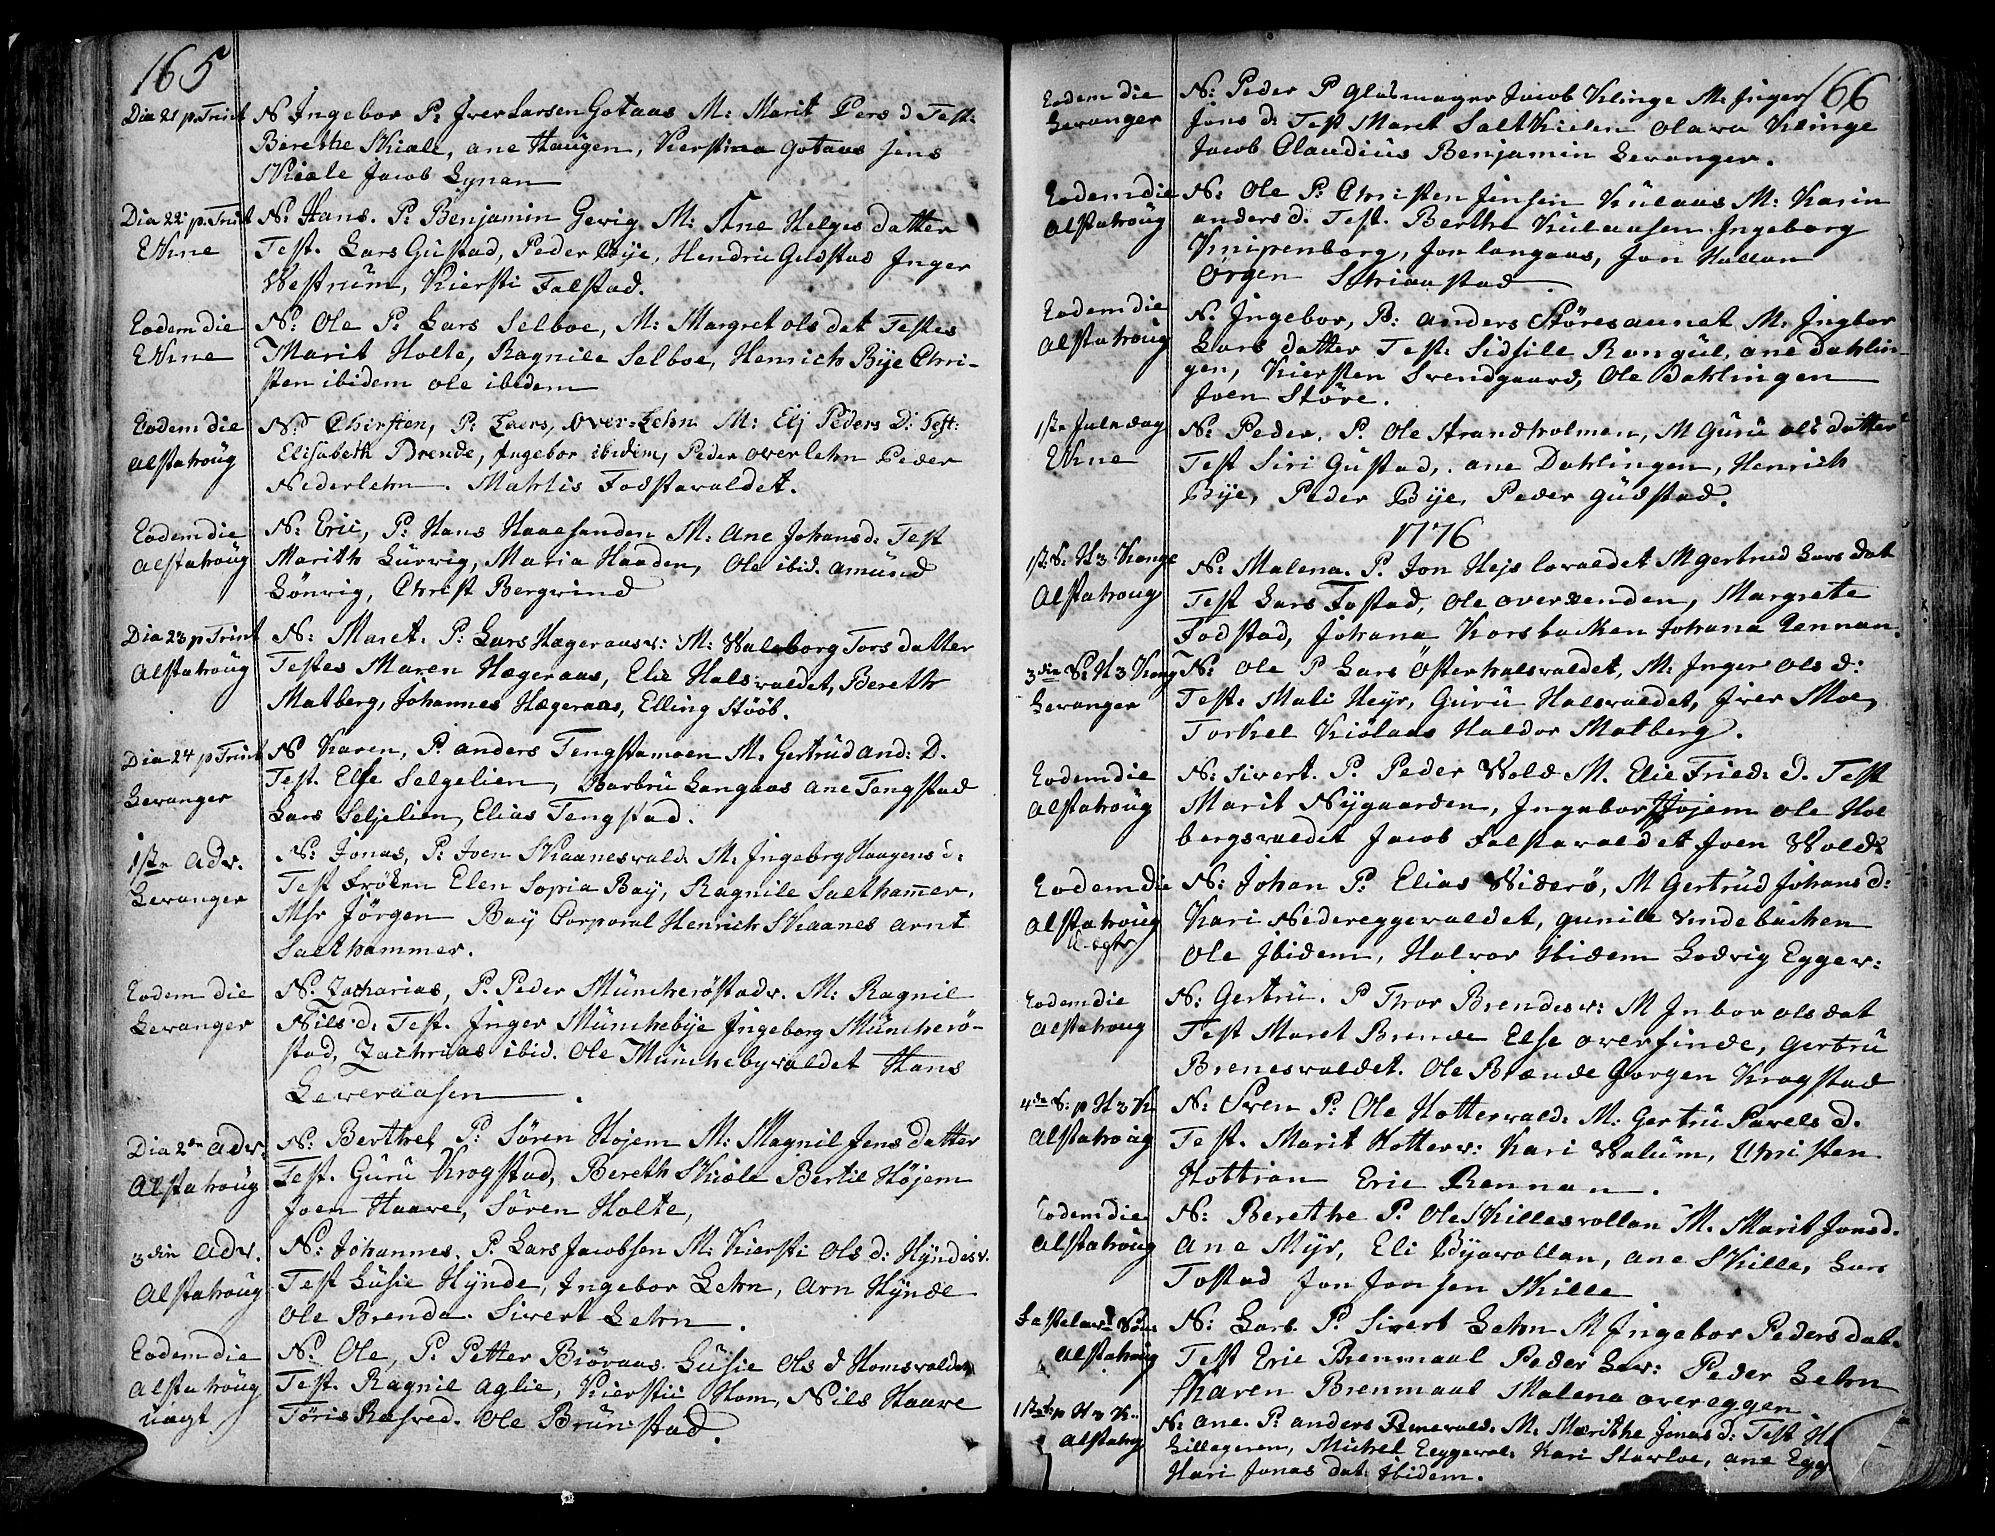 SAT, Ministerialprotokoller, klokkerbøker og fødselsregistre - Nord-Trøndelag, 717/L0141: Ministerialbok nr. 717A01, 1747-1803, s. 165-166